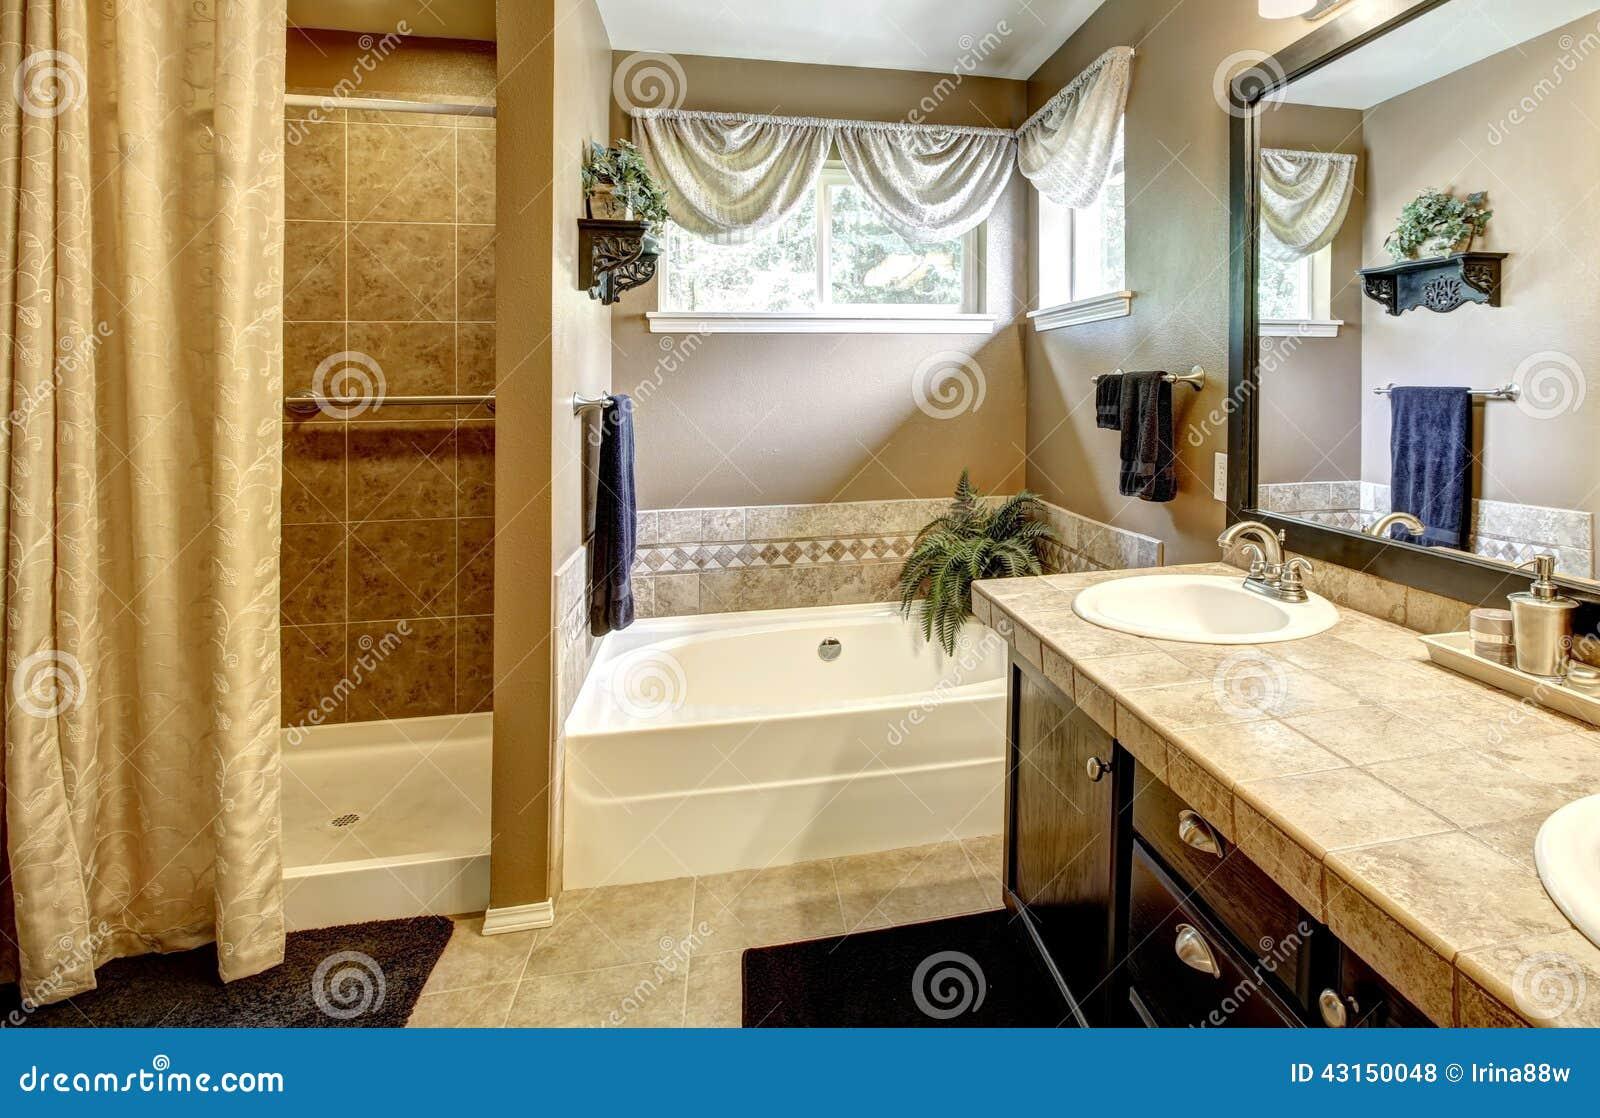 Int rieur de salle de bains avec la baignoire et la douche for Interieur salle de bain